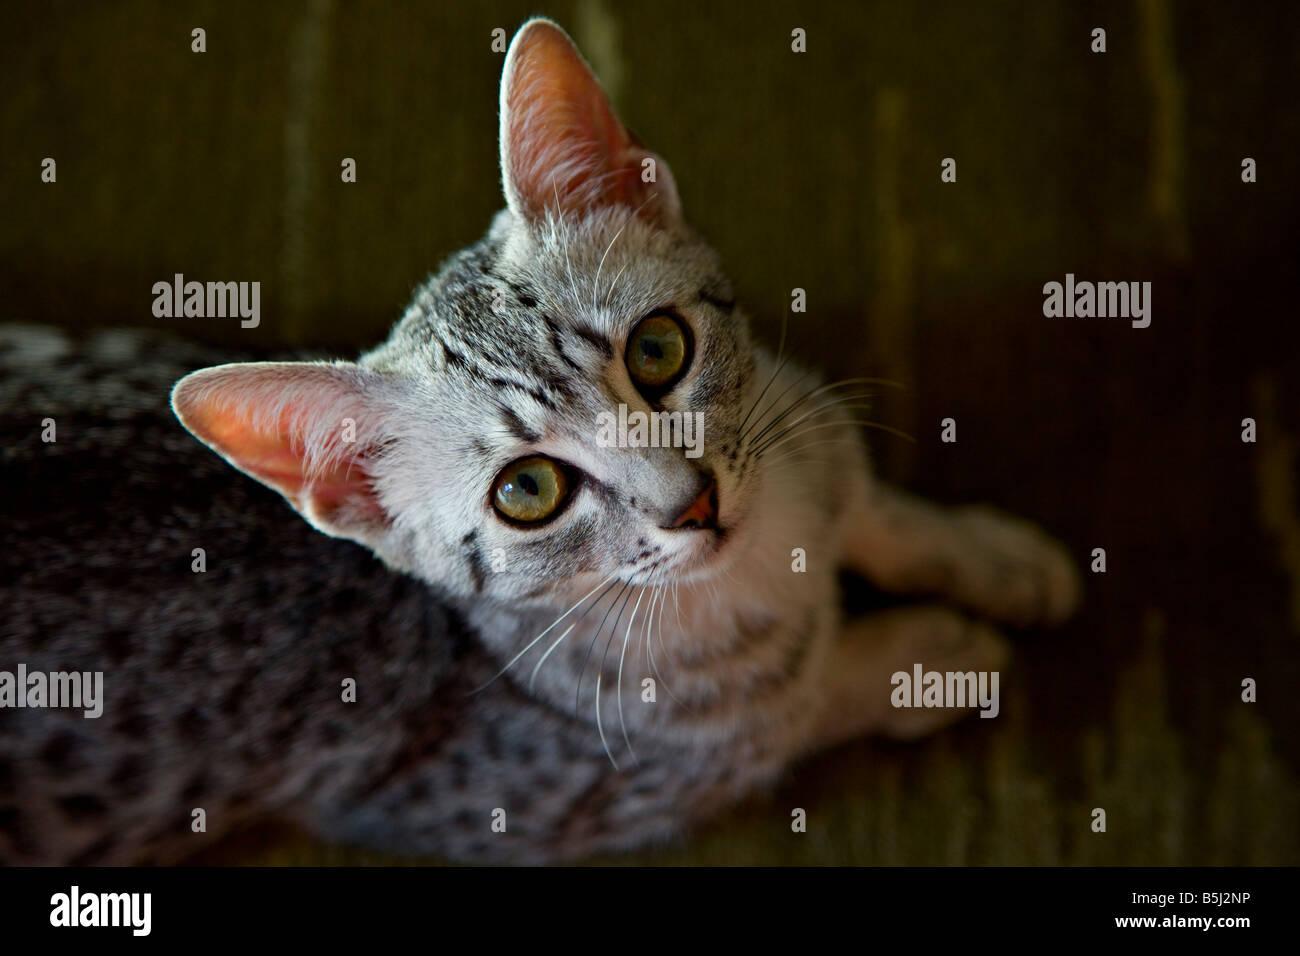 Mau Egiziano gattino Immagini Stock